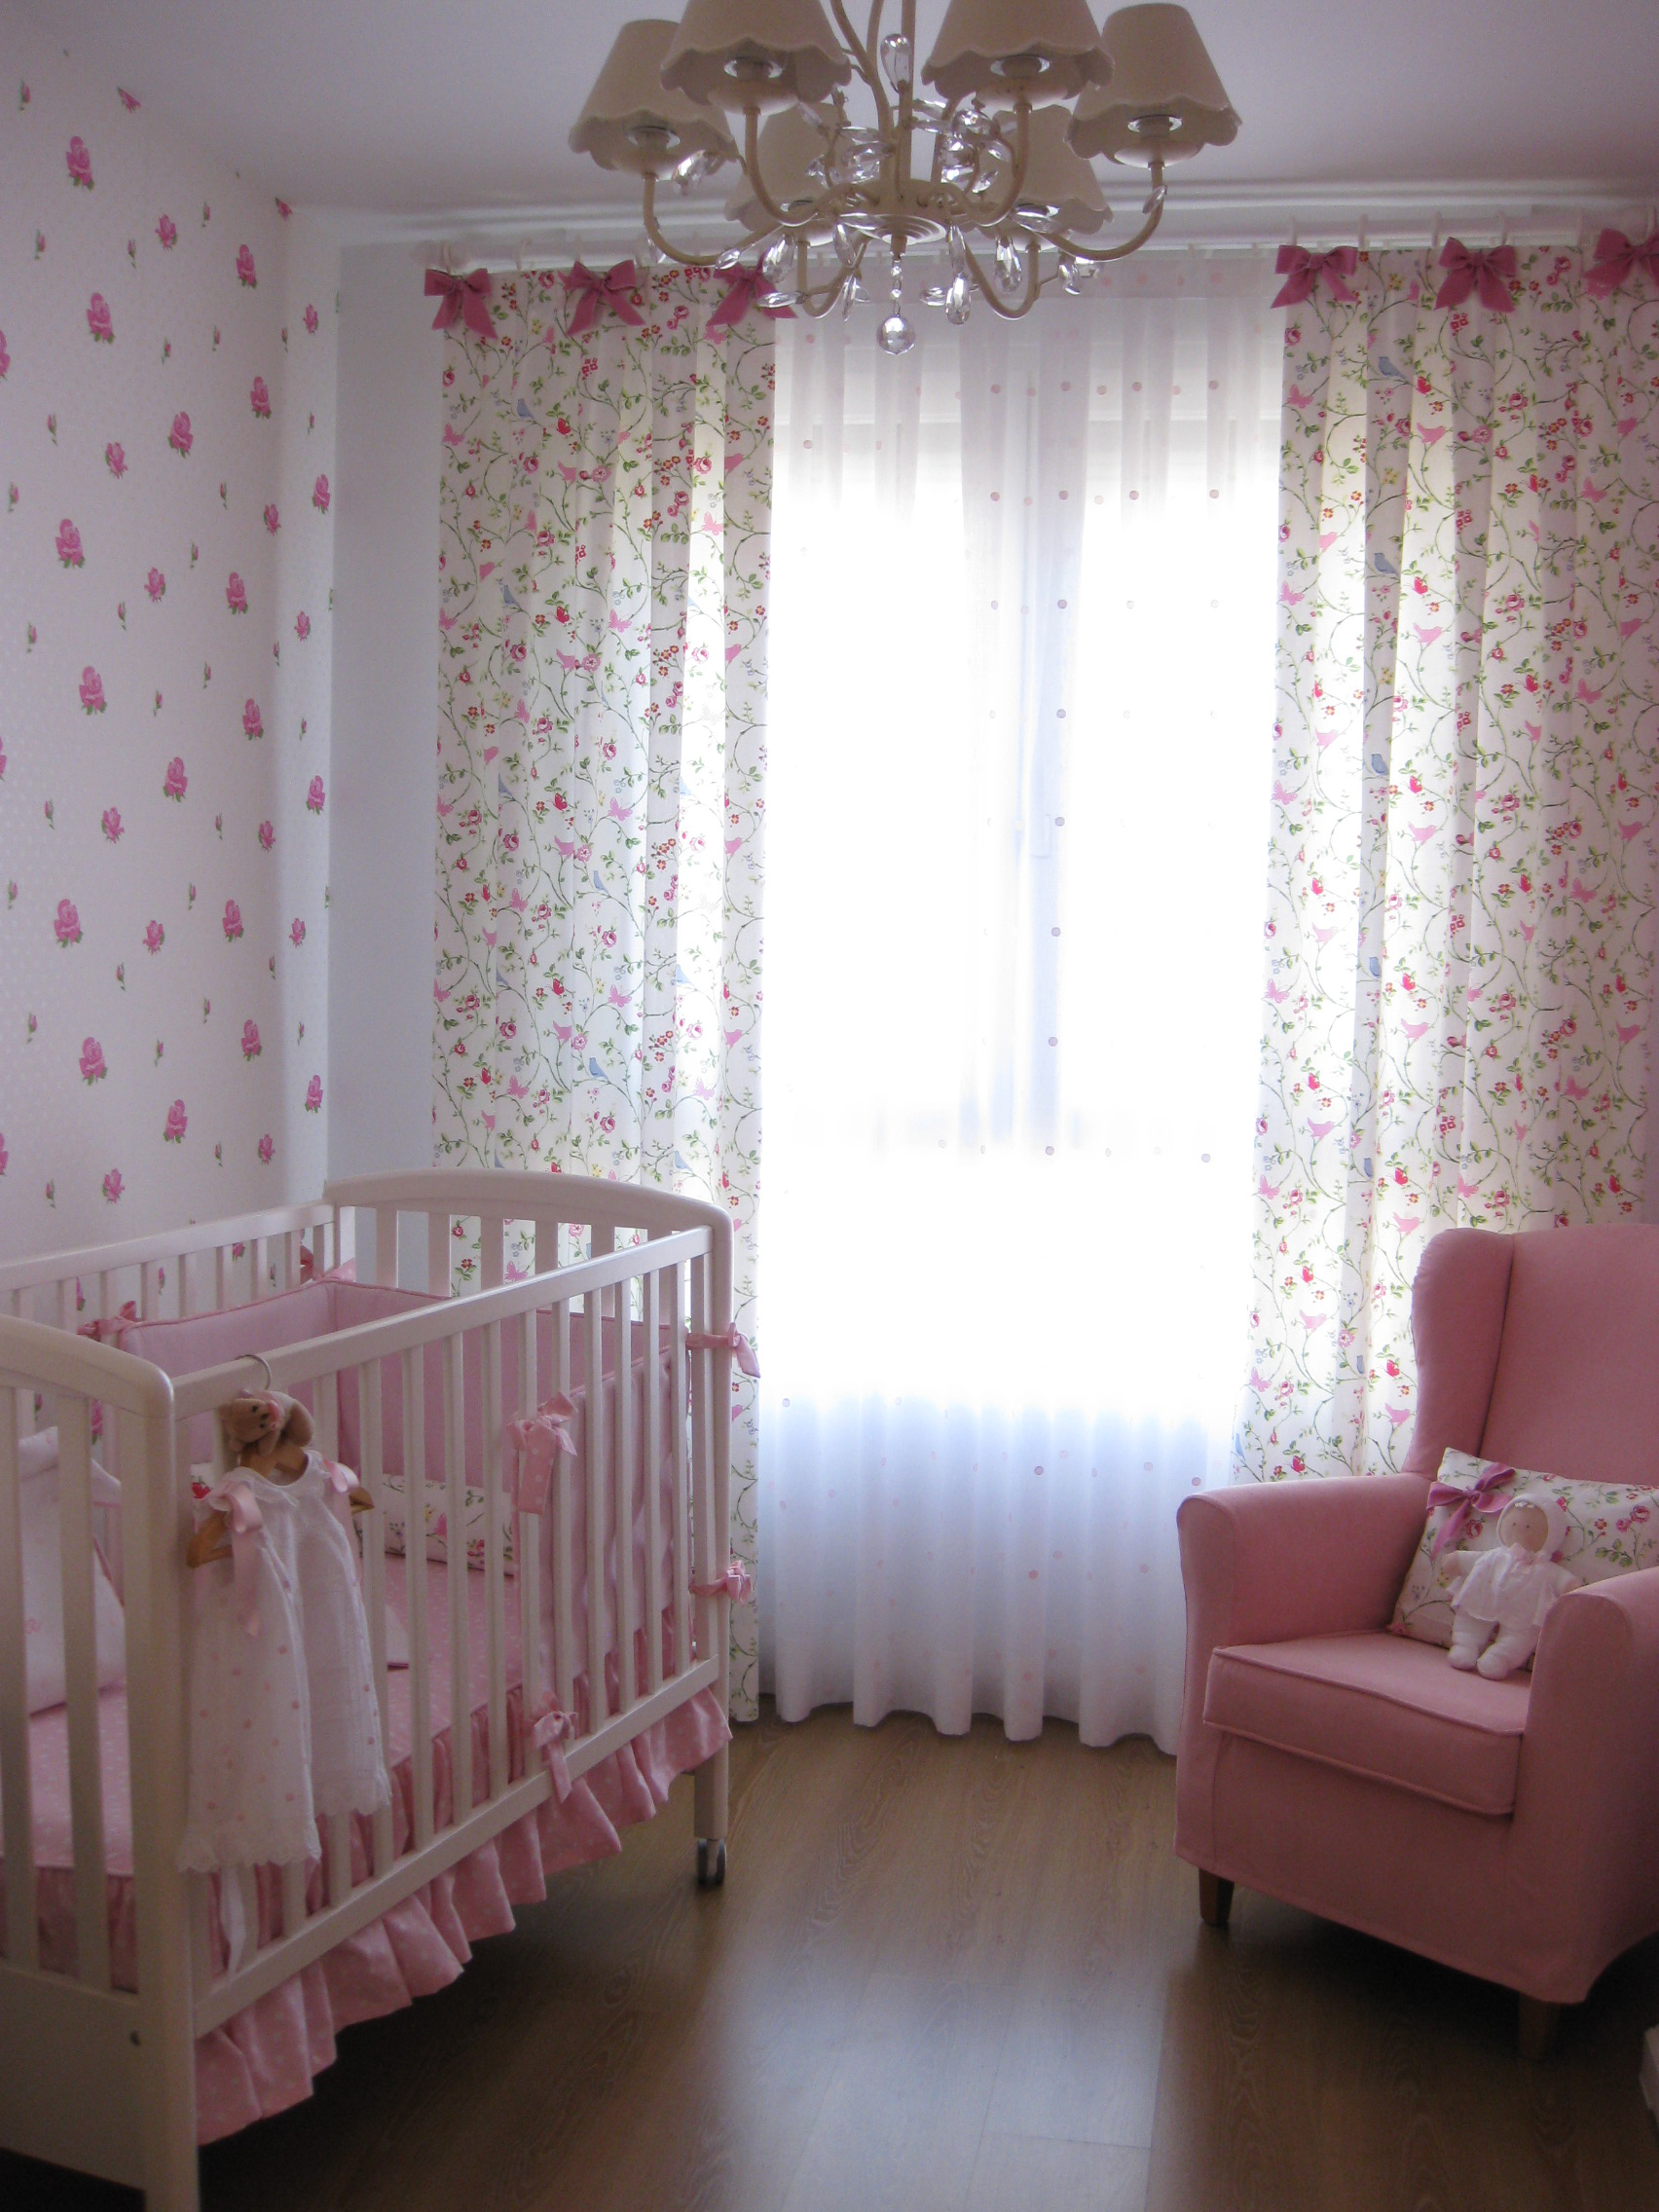 Cortinas para dormitorio de beb imagui - Cortinas dormitorio bebe ...